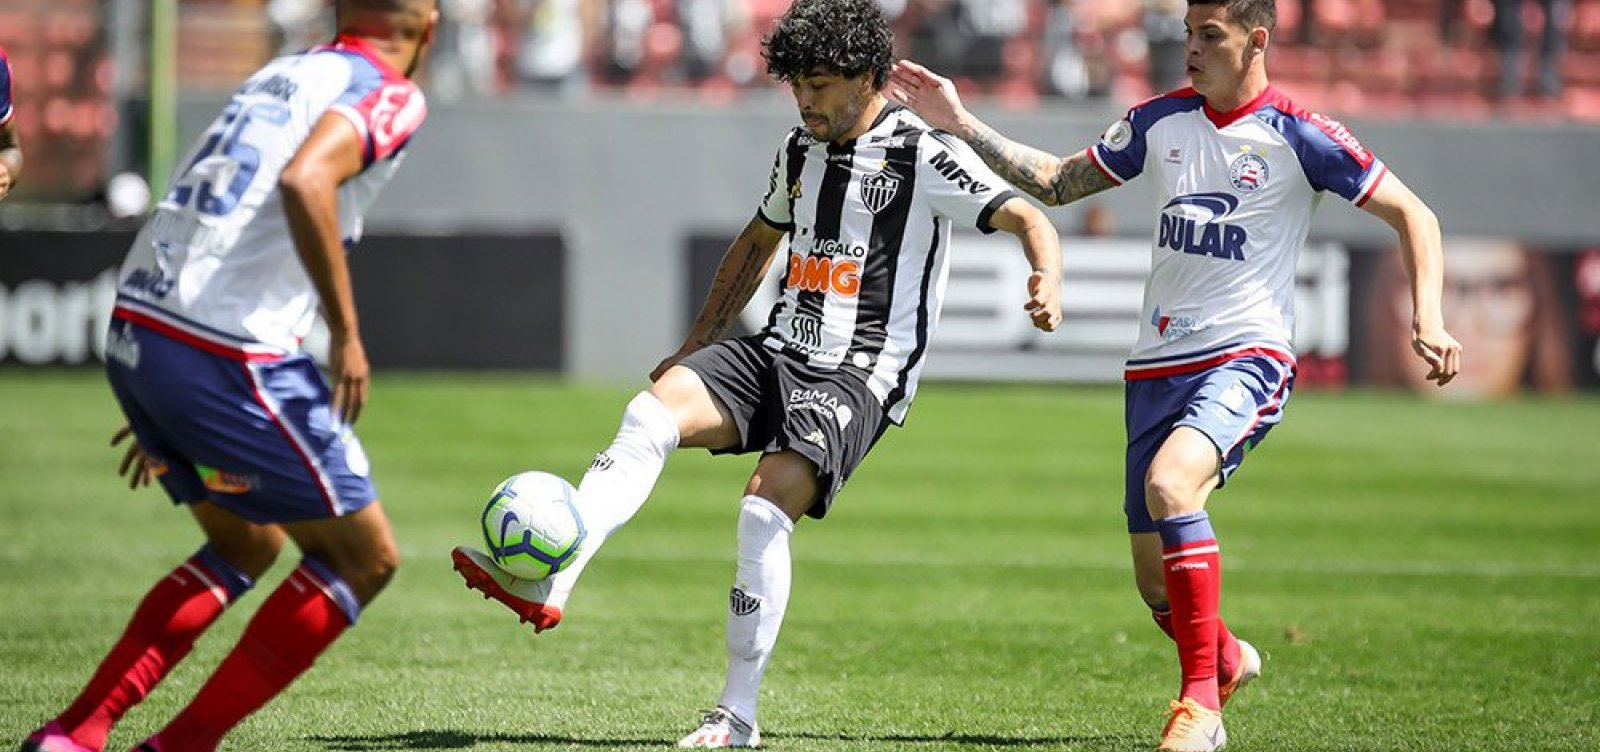 [Bahia vence o Atlético-MG fora de casa por 1 a 0]